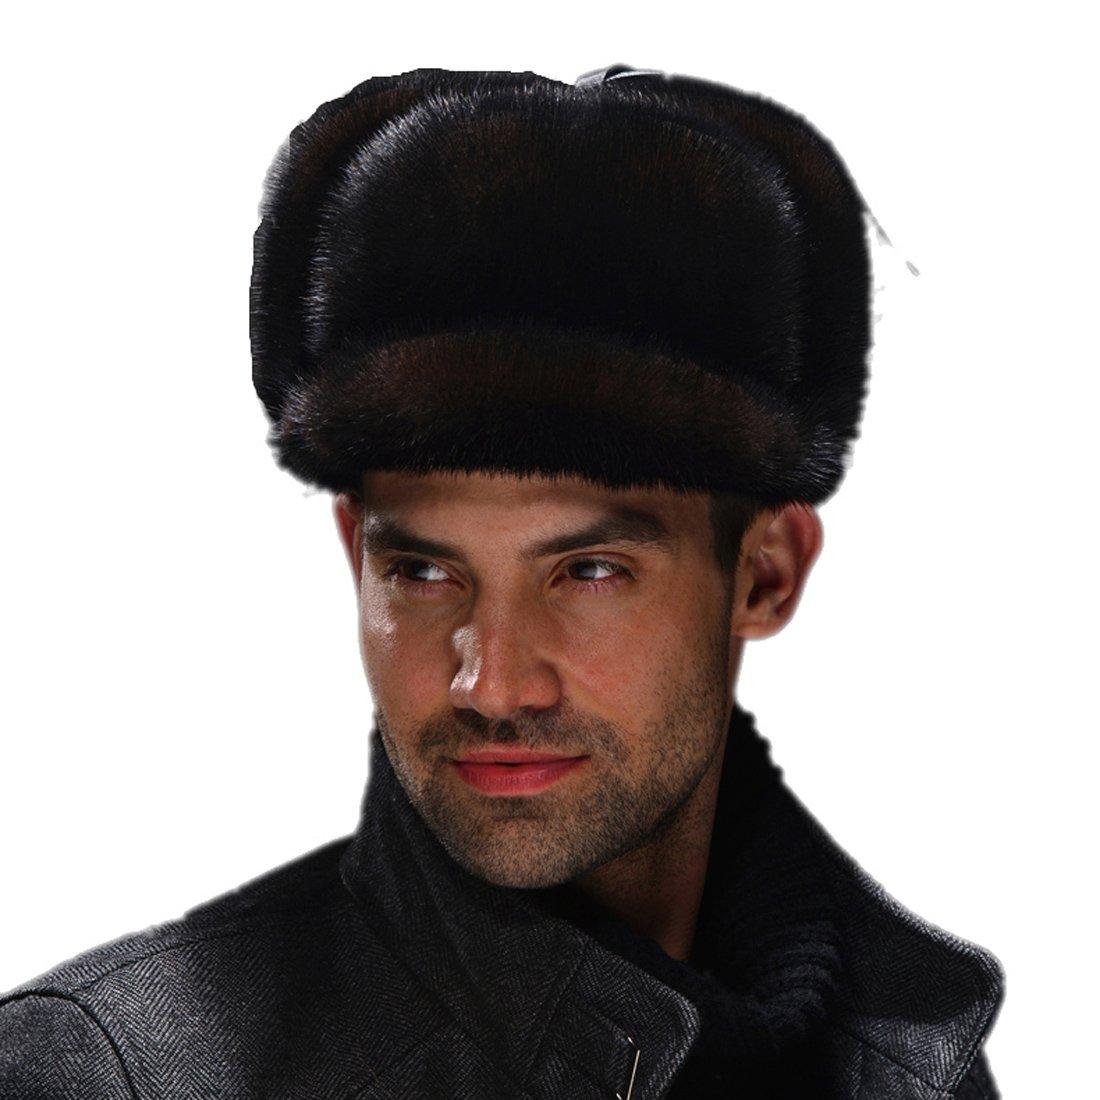 URSFUR Men's Premium Mink Full Fur Full Russian Ushanka Trapper Hats ( Brown) by URSFUR